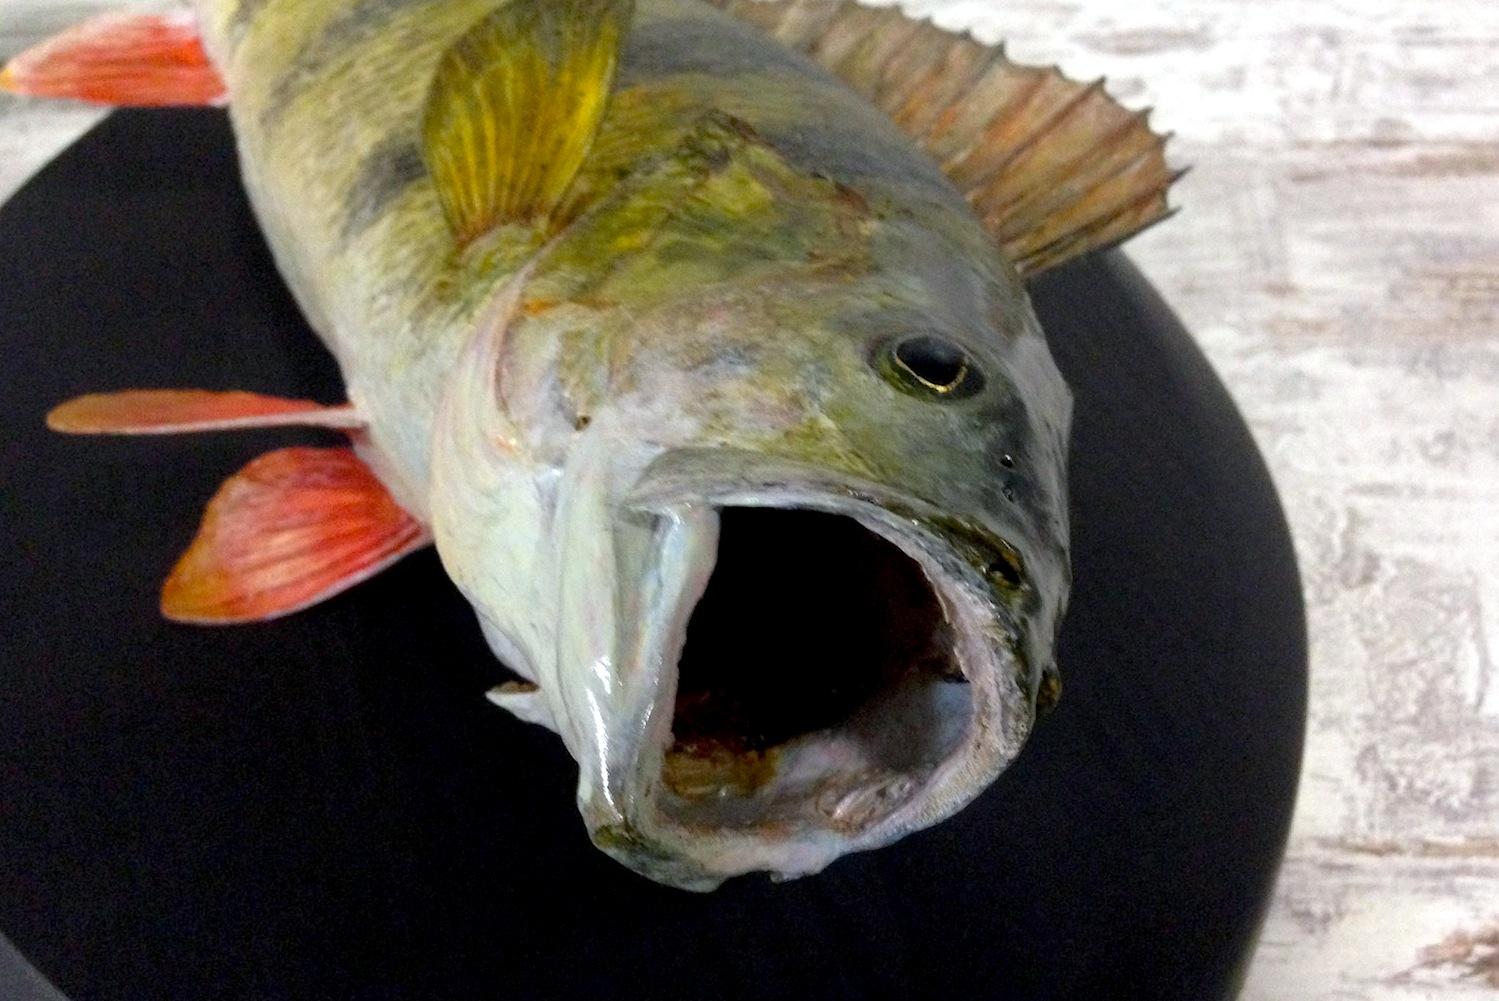 Чучело рыбы окунь